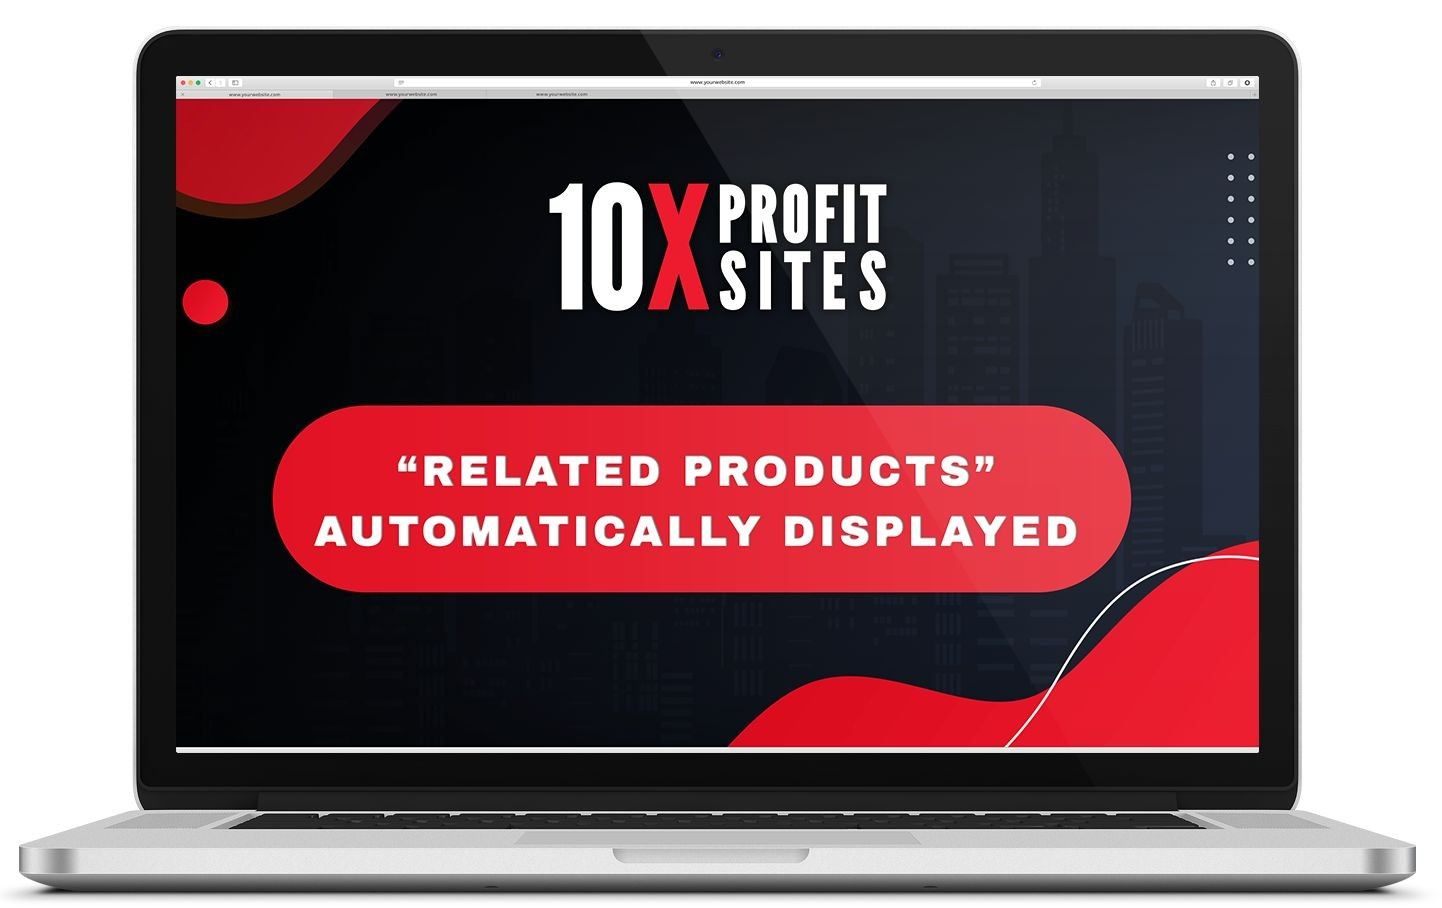 10X-Profit-Sites-feature-6